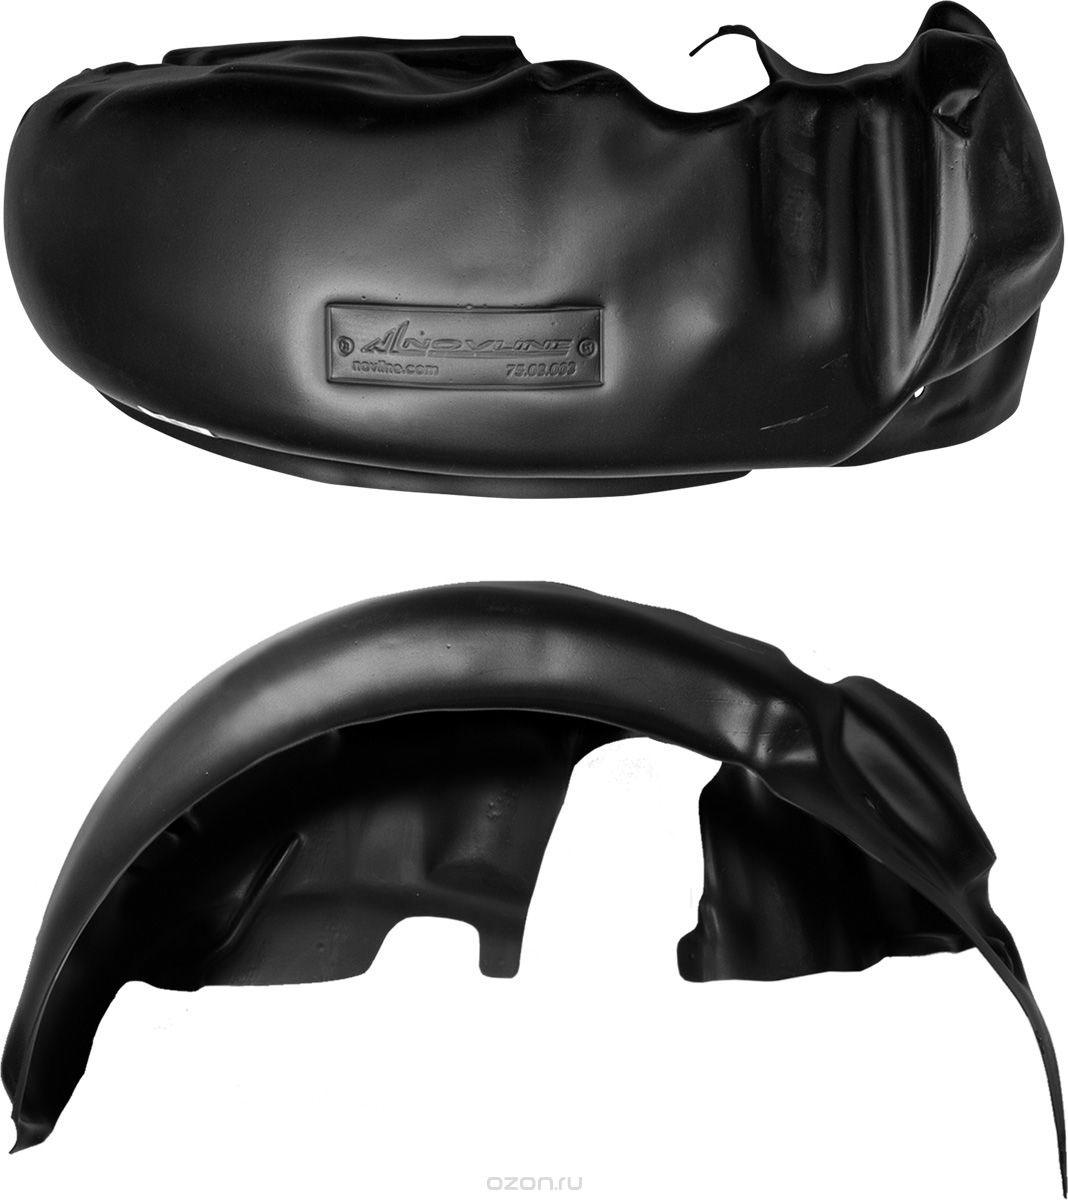 Подкрылок Novline-Autofamily, для Hyundai Solaris, 2017->, седан, передний левыйNLL.20.48.001Идеальная защита колесной ниши. Локеры разработаны с применением цифровых технологий, гарантируют максимальную повторяемость поверхности арки. Изделия устанавливаются без нарушения лакокрасочного покрытия автомобиля, каждый подкрылок комплектуется крепежом. Уважаемые клиенты, обращаем ваше внимание, что фотографии на подкрылки универсальные и не отражают реальную форму изделия. При этом само изделие идет точно под размер указанного автомобиля.